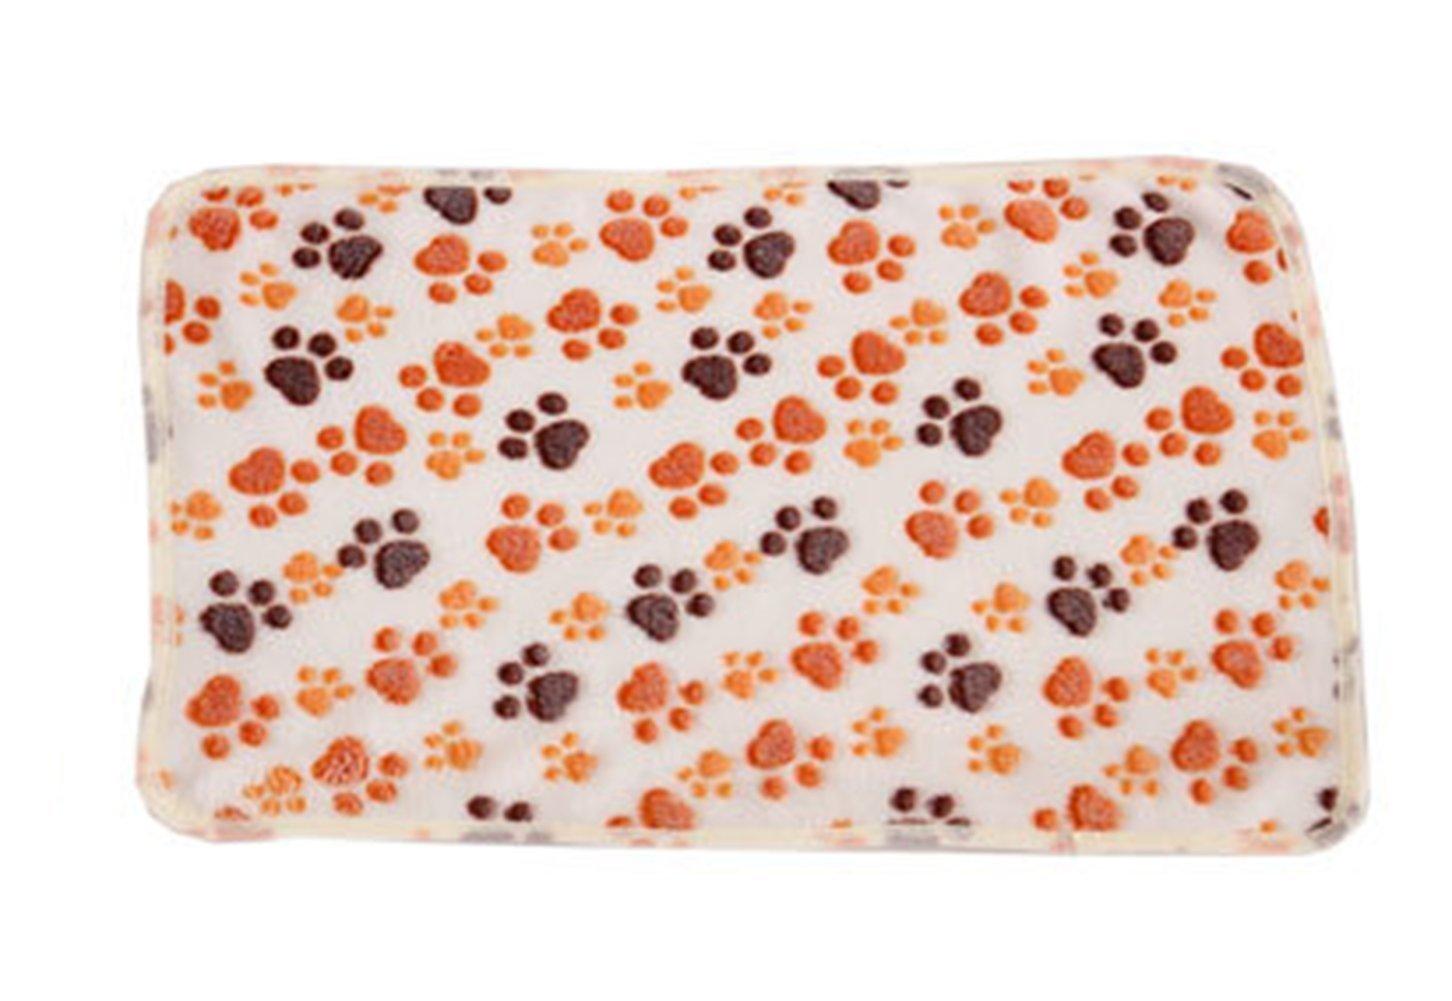 HNBGY Grazioso Coperta dell'animale Domestico dell'animale Domestico del Cane Artiglio del Cane di Warm Dog Warm del Velluto di Corallo di Cat Dog 1PCS